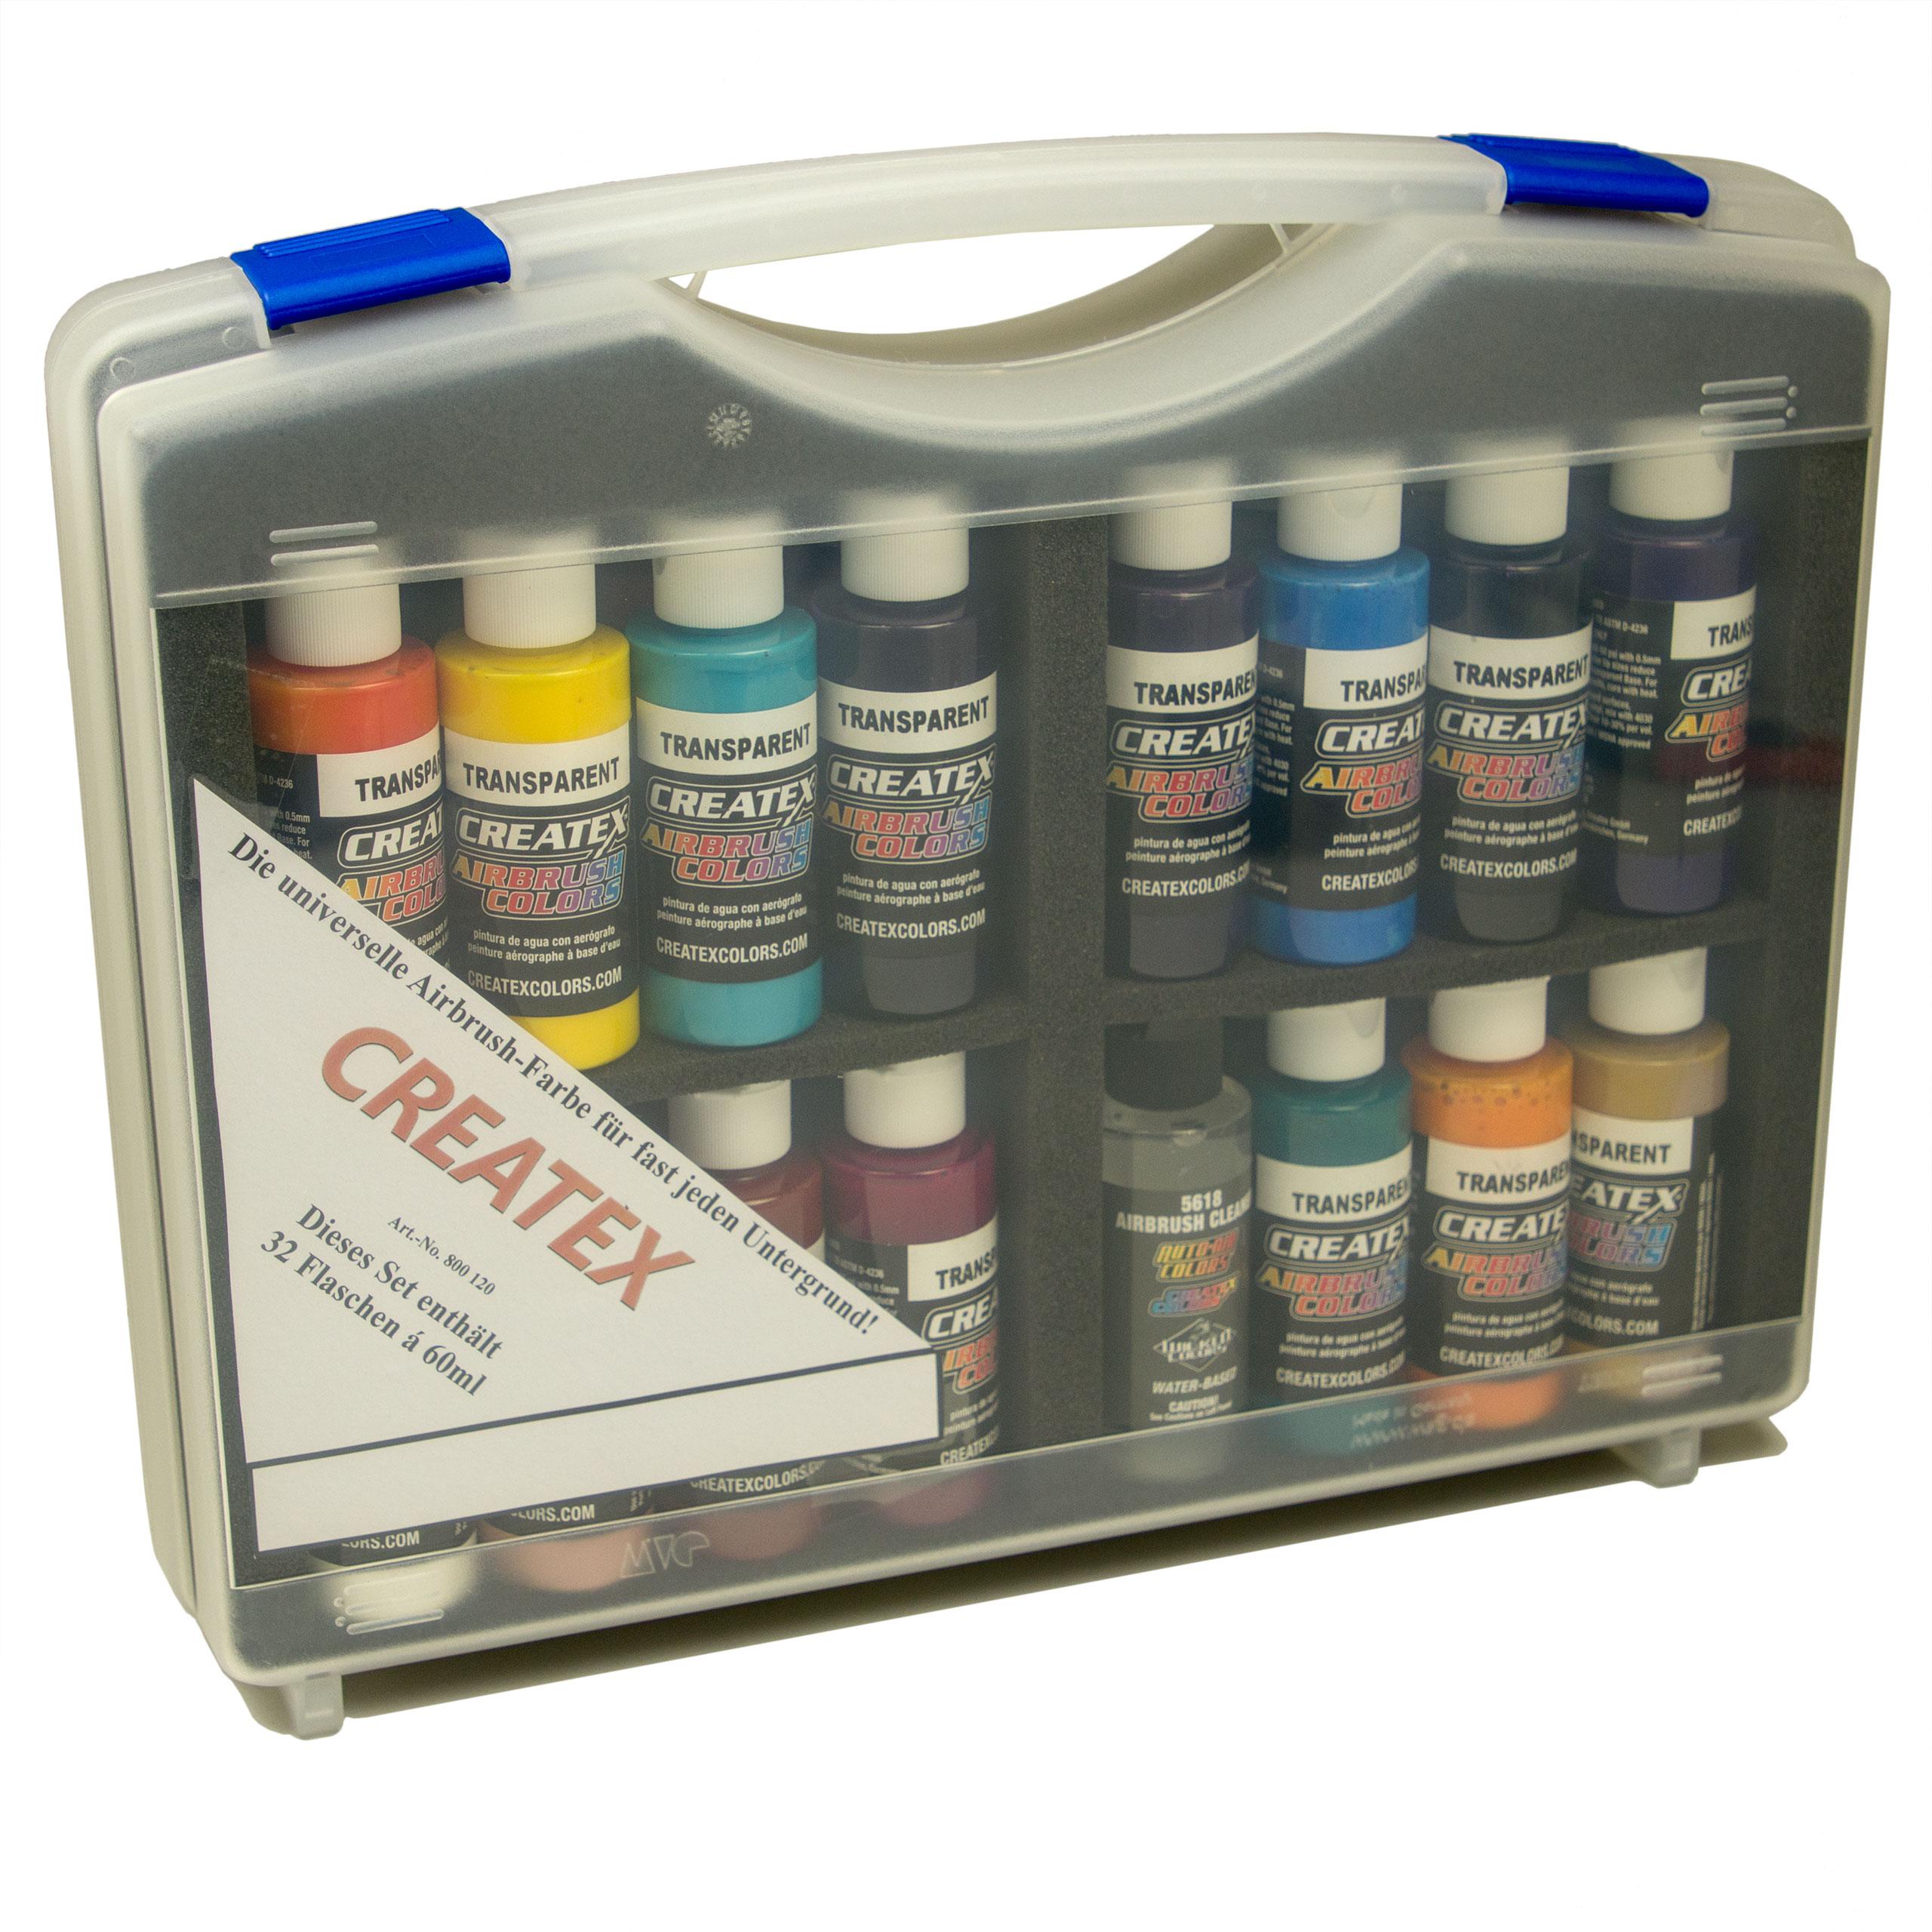 Createx Airbrush Colors Sortimentskoffer, transparente Farben 800 120